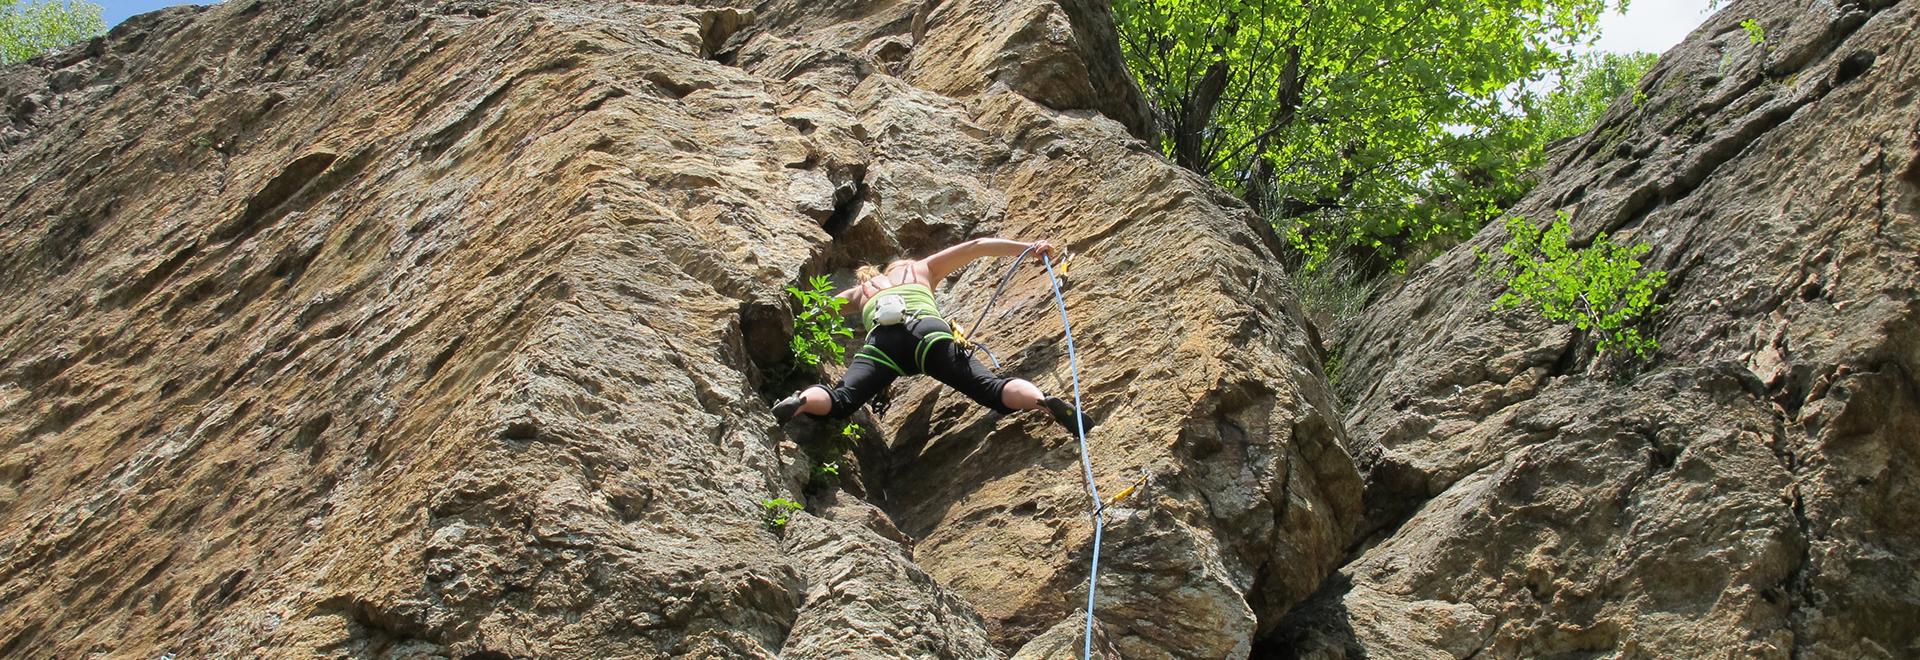 Climbing course – Advanced module